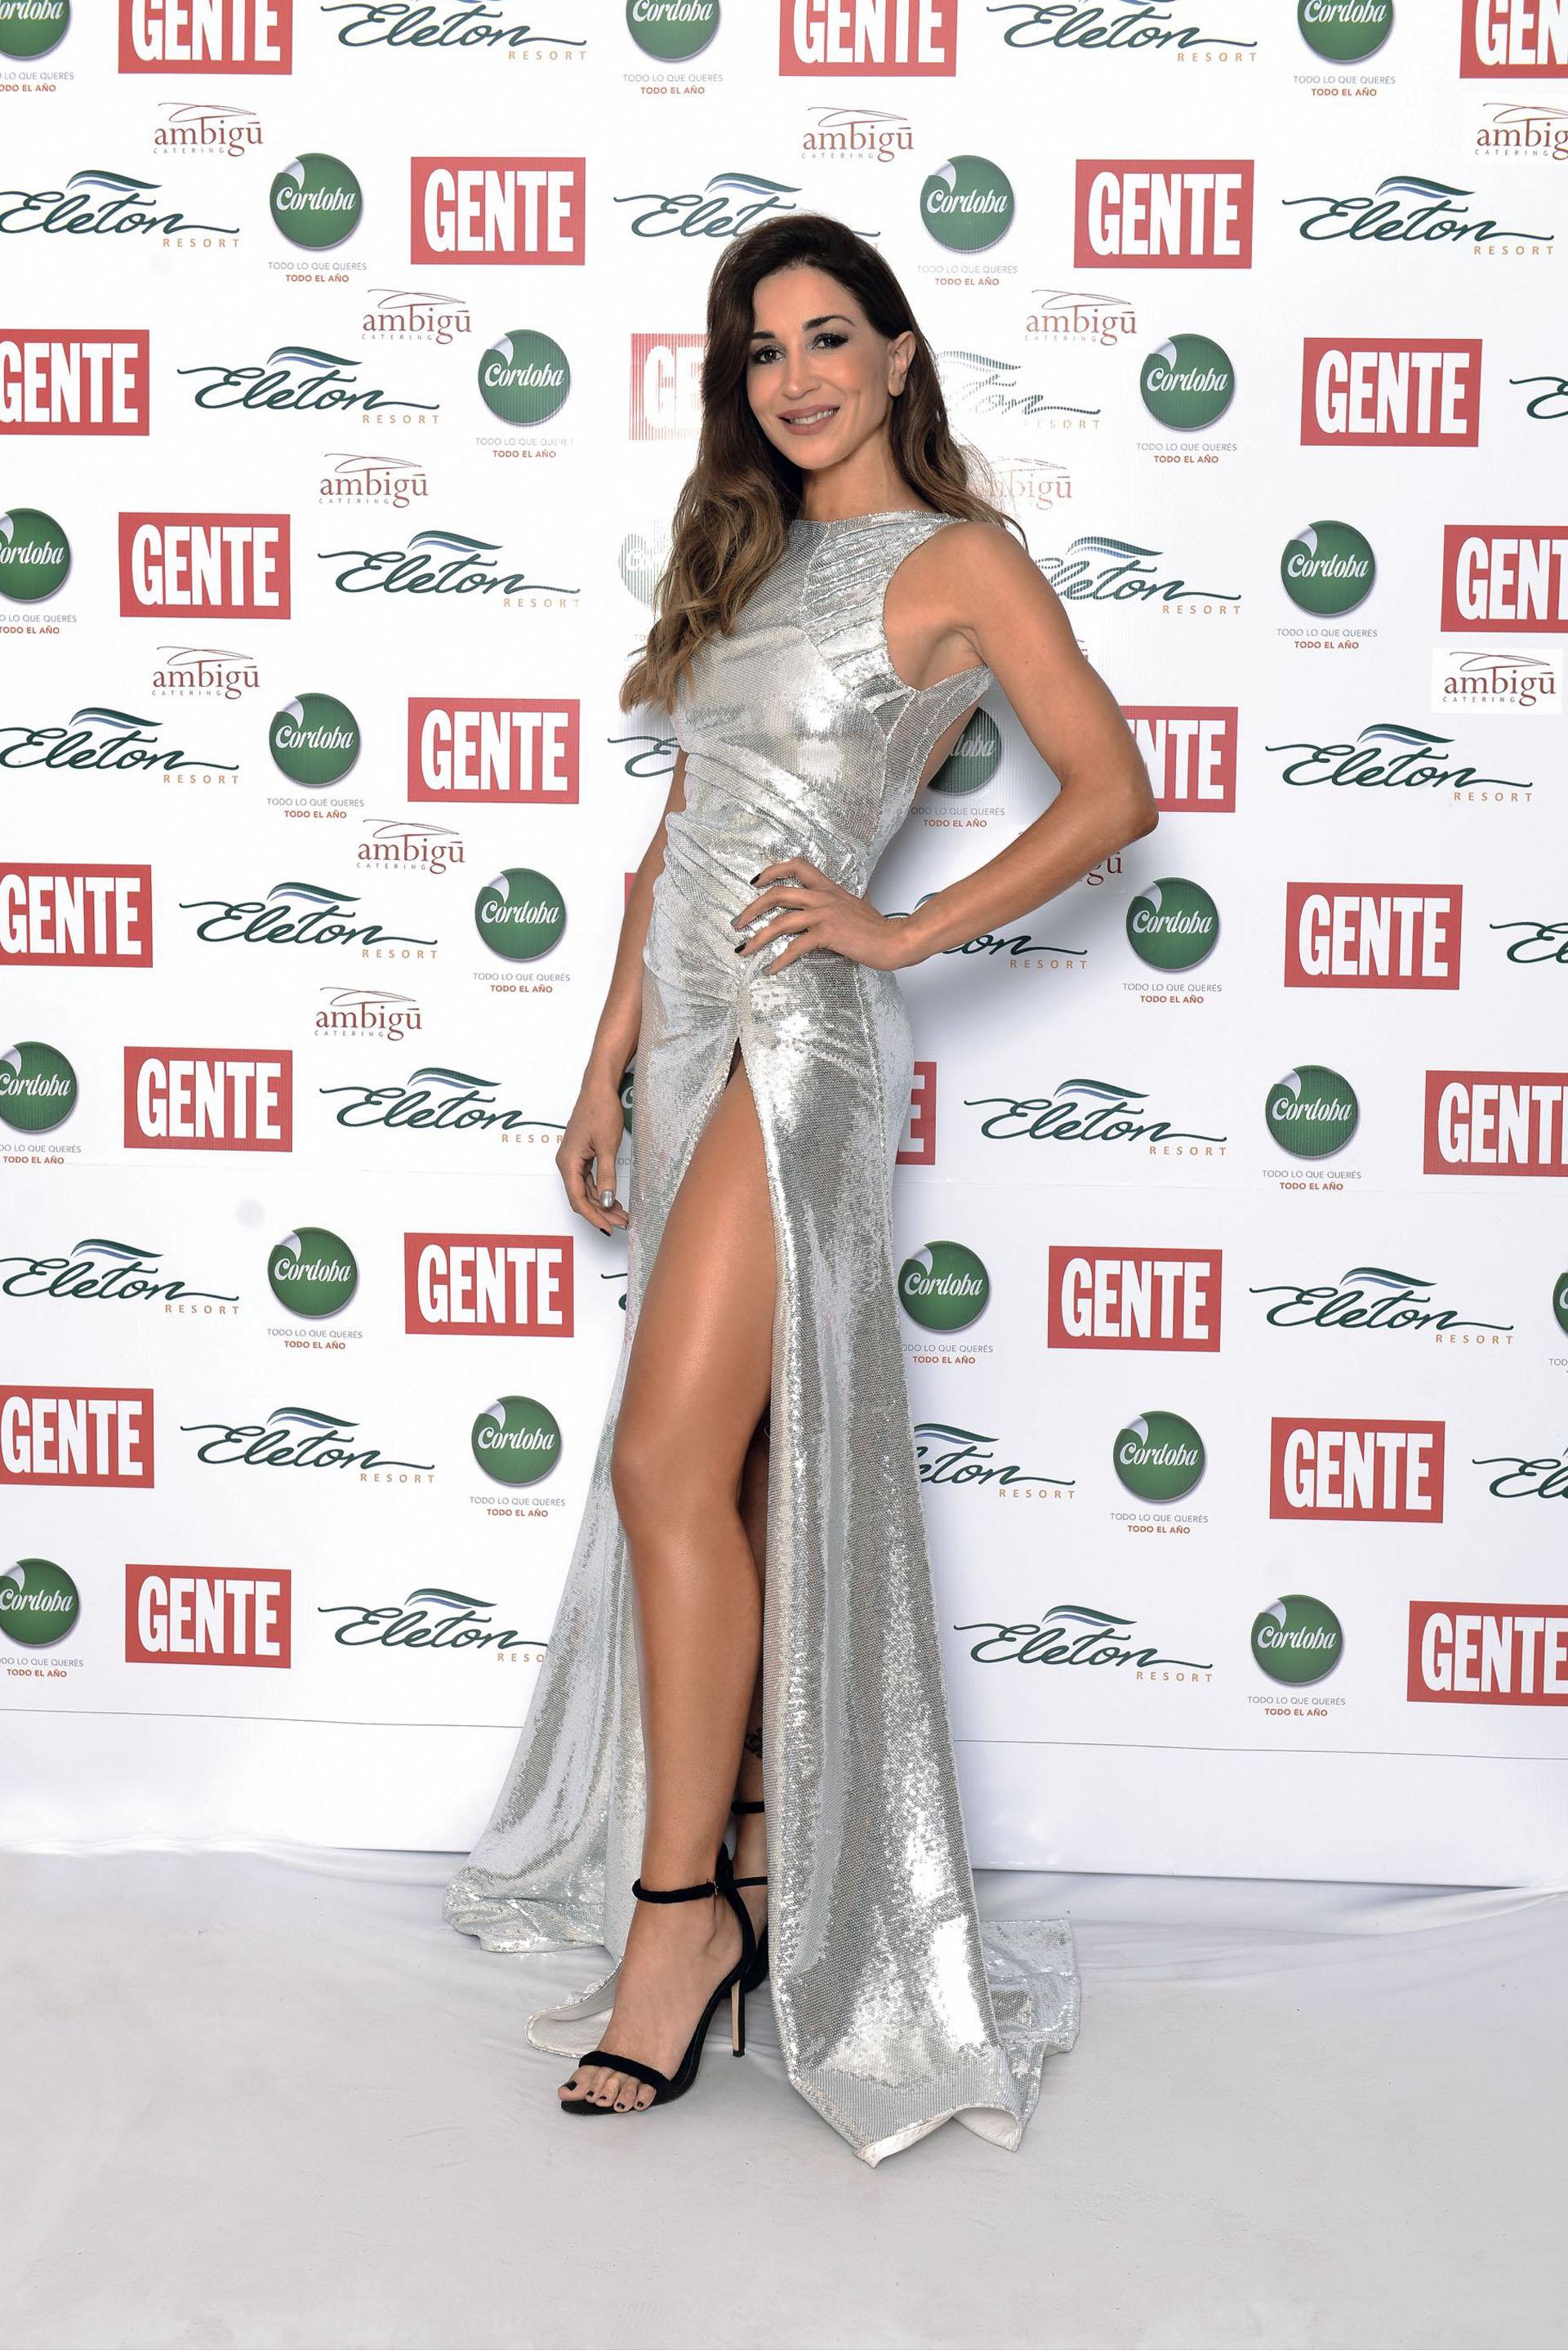 Laura Bruni, en plateado por Carlos Verón con zapatos de Giuseppe Zanotti. (Foto GENTE)